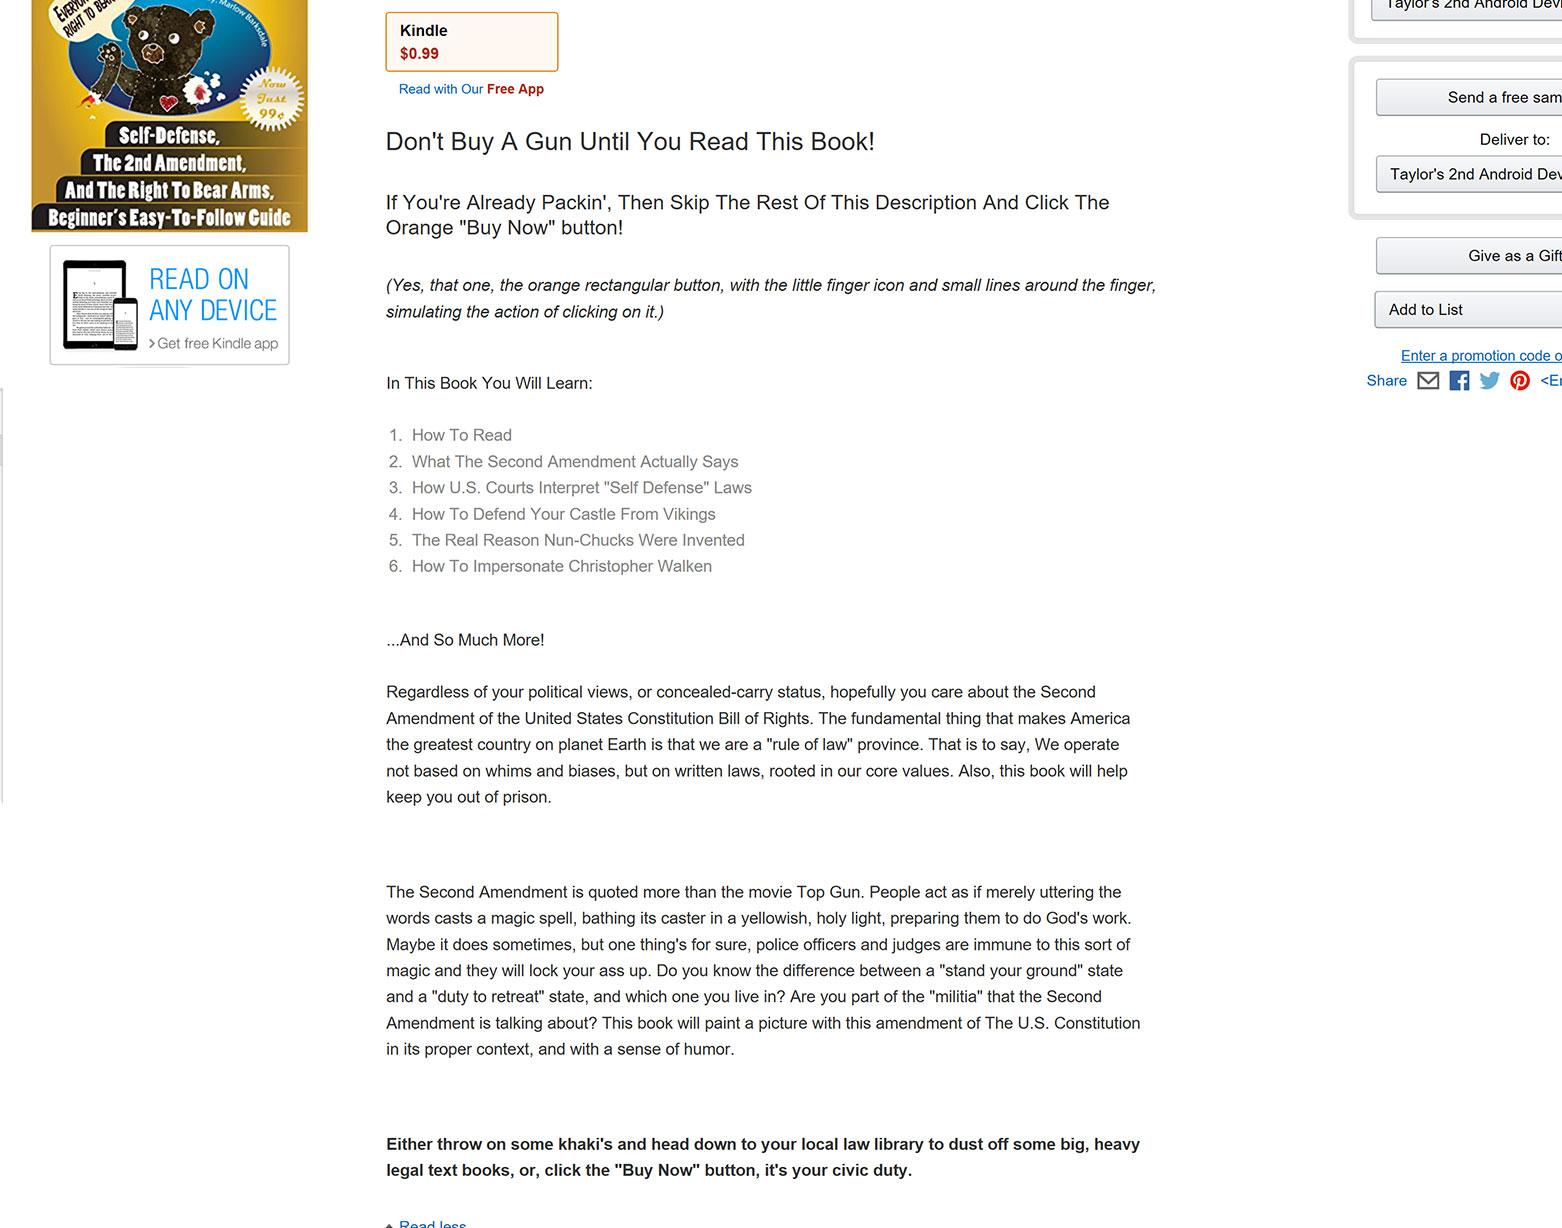 PD-Book-Description-Screen-Shot.jpg